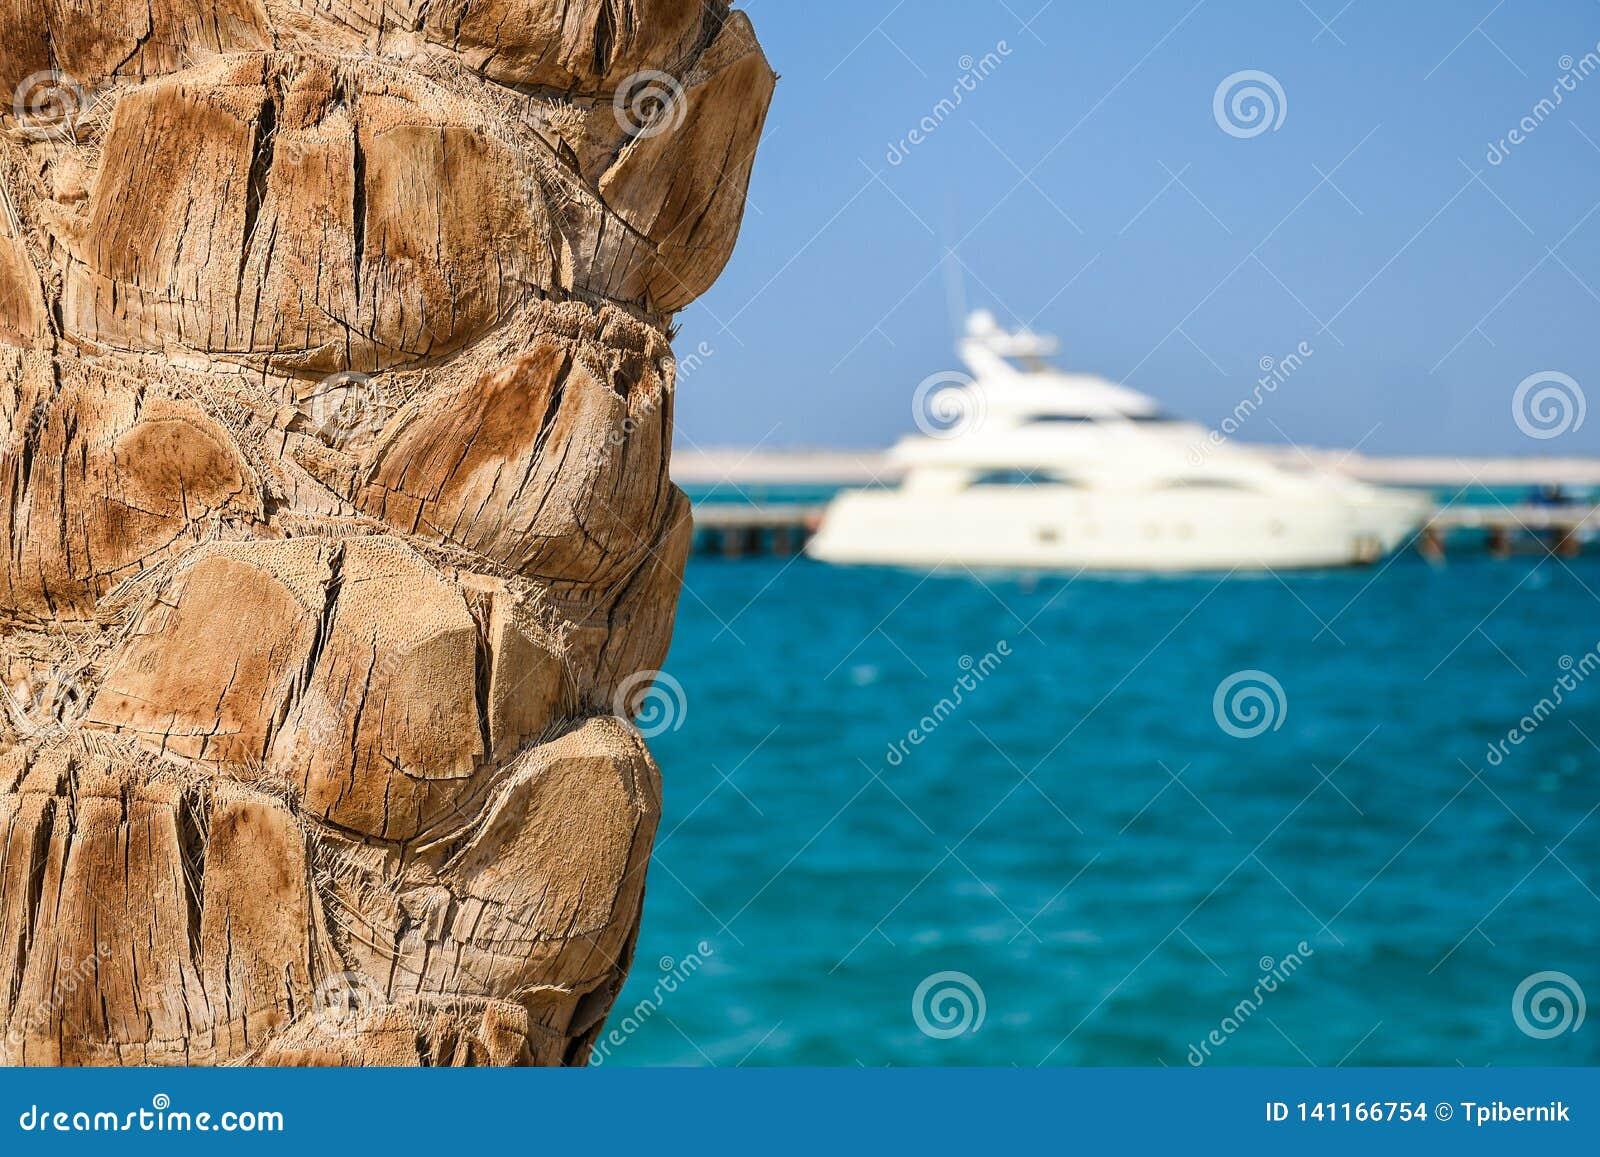 Конец хобота пальмы вверх на пляже с большой белой дорогой яхтой